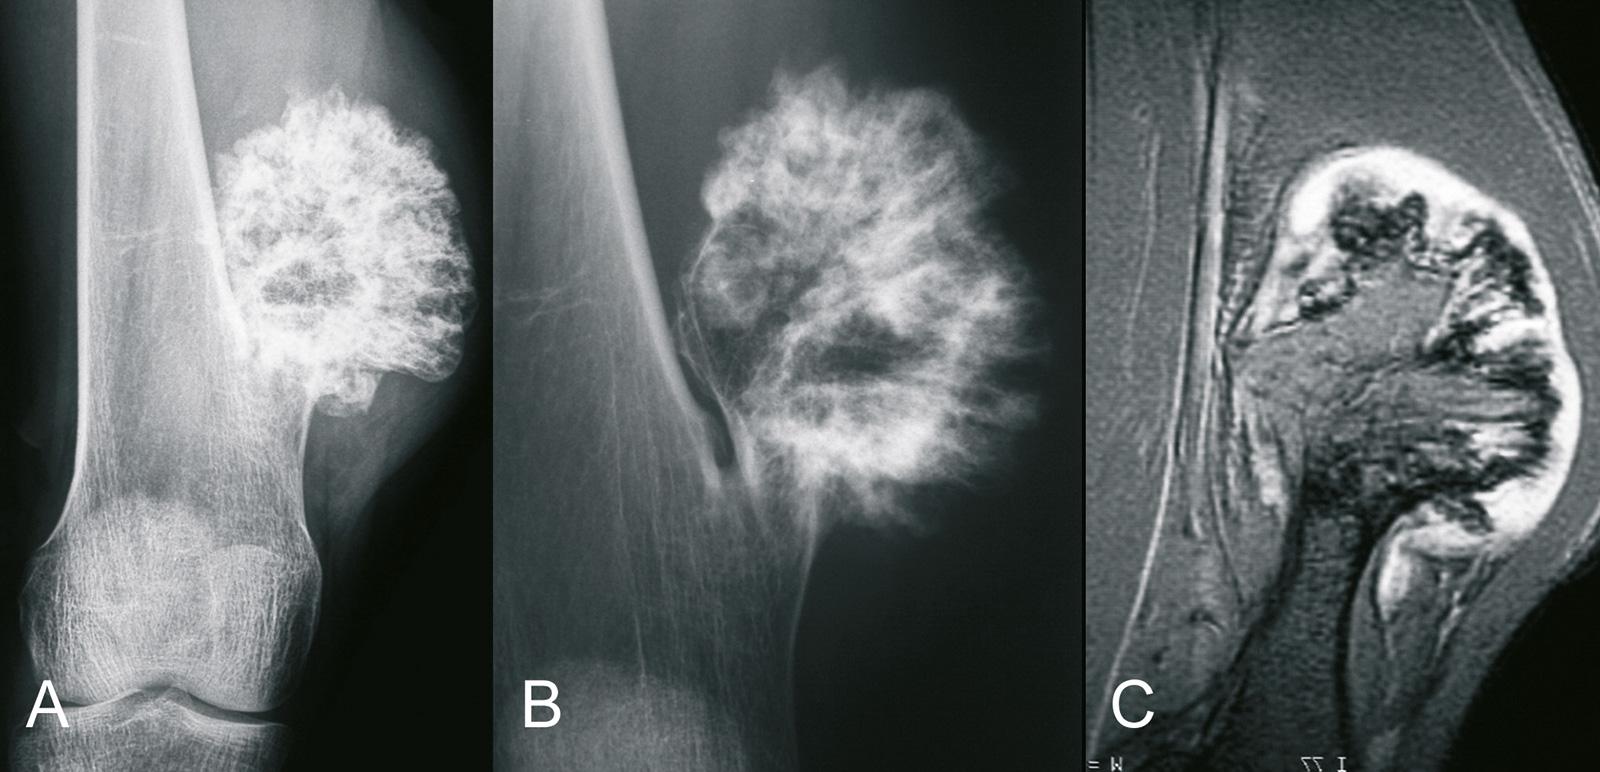 Abb. 8-41: Kartilaginäre Exostose des medialen distalen Femurs im Röntgenbild (A,B) und in der MRT (C) (Eigentum des Instituts für Klinische Radiologie der Universität Münster)